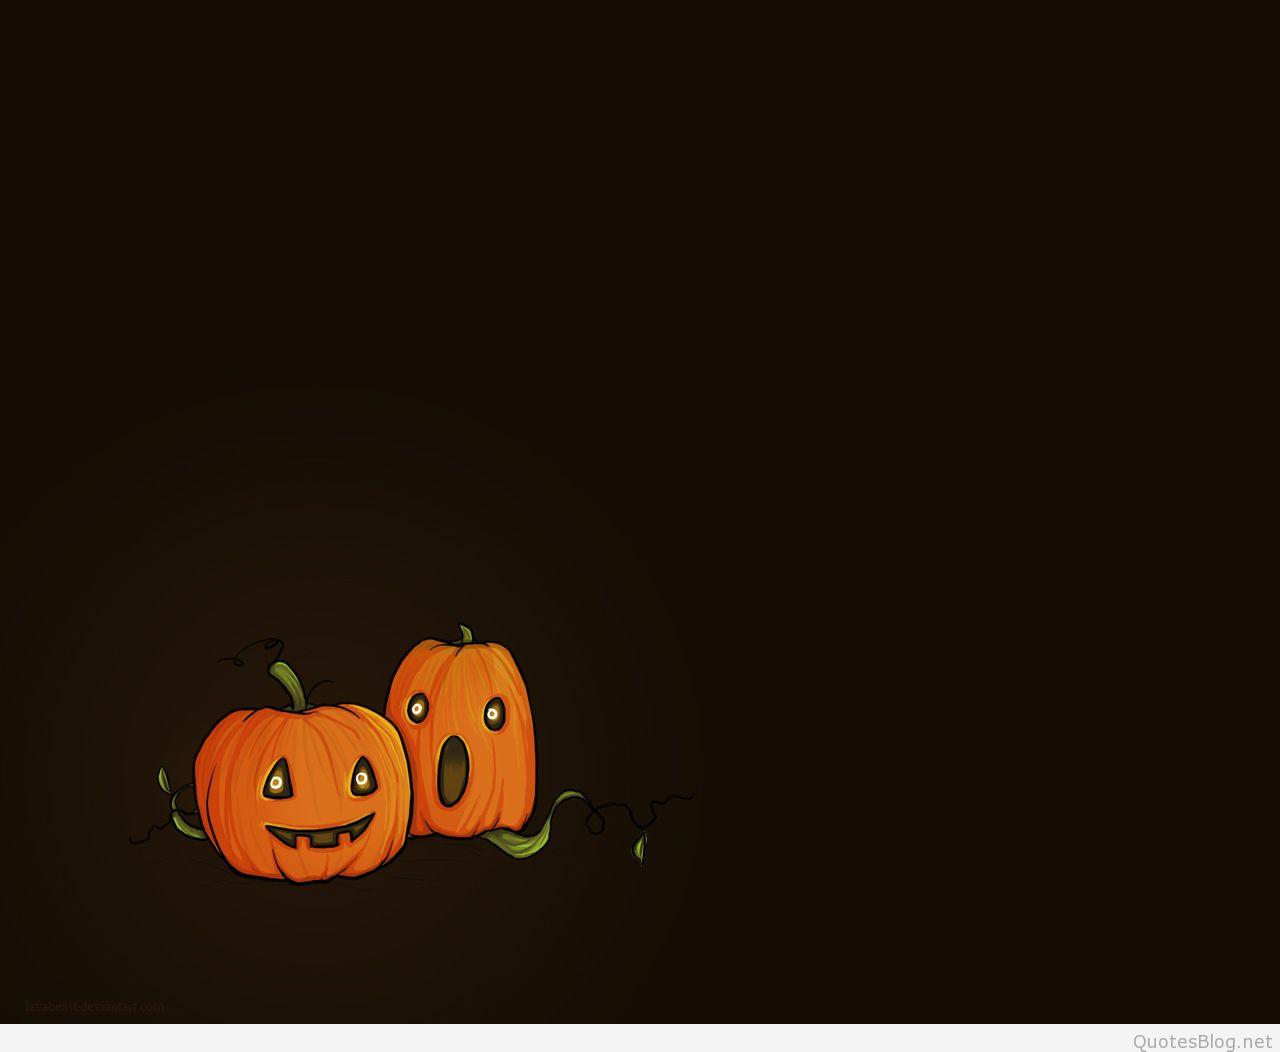 Cute Halloween Wallpaper Iphone   Halloween Pumpkins Hd 1280x1052